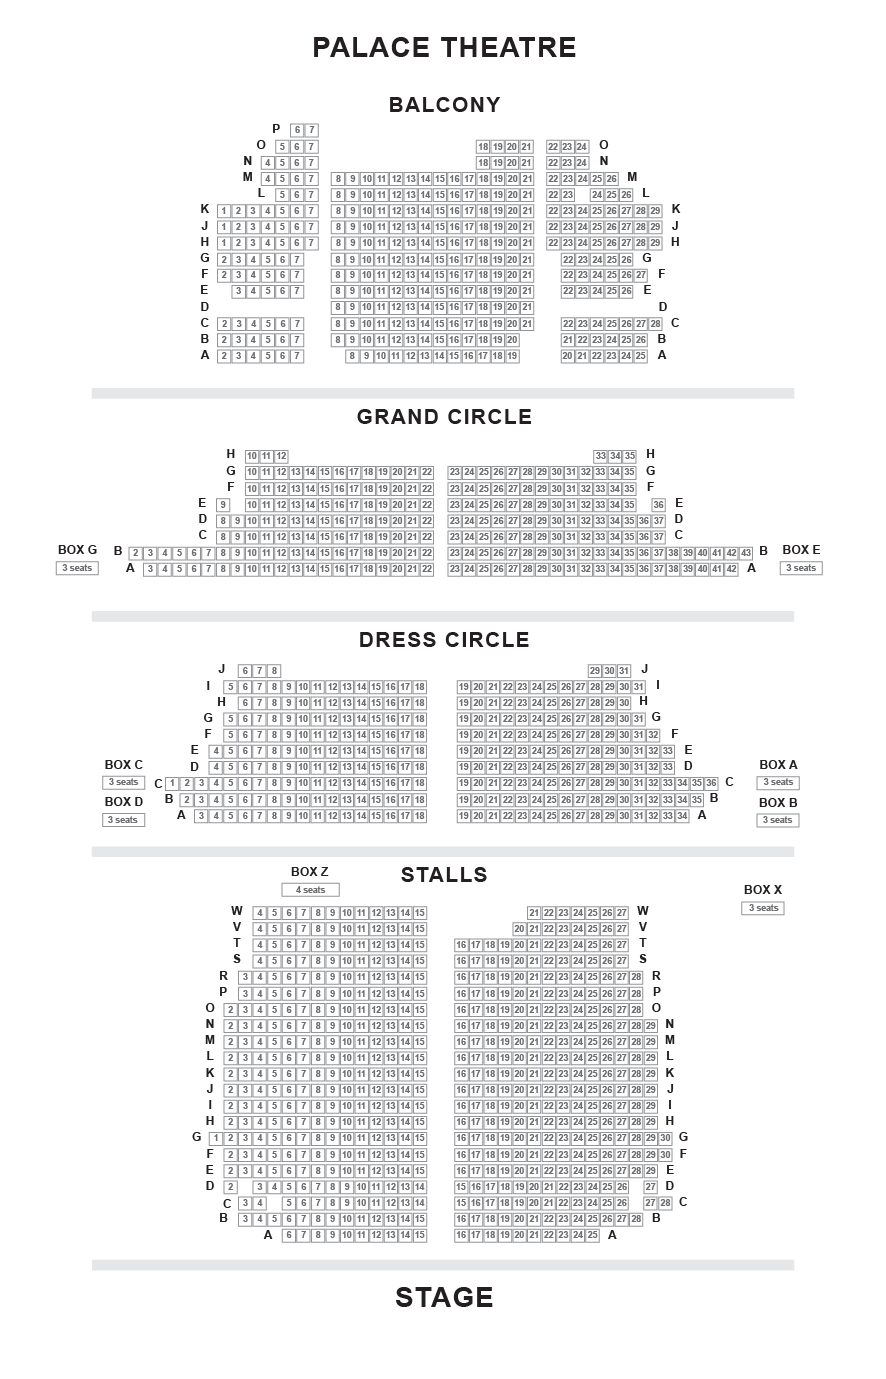 Theatre Seating Plan